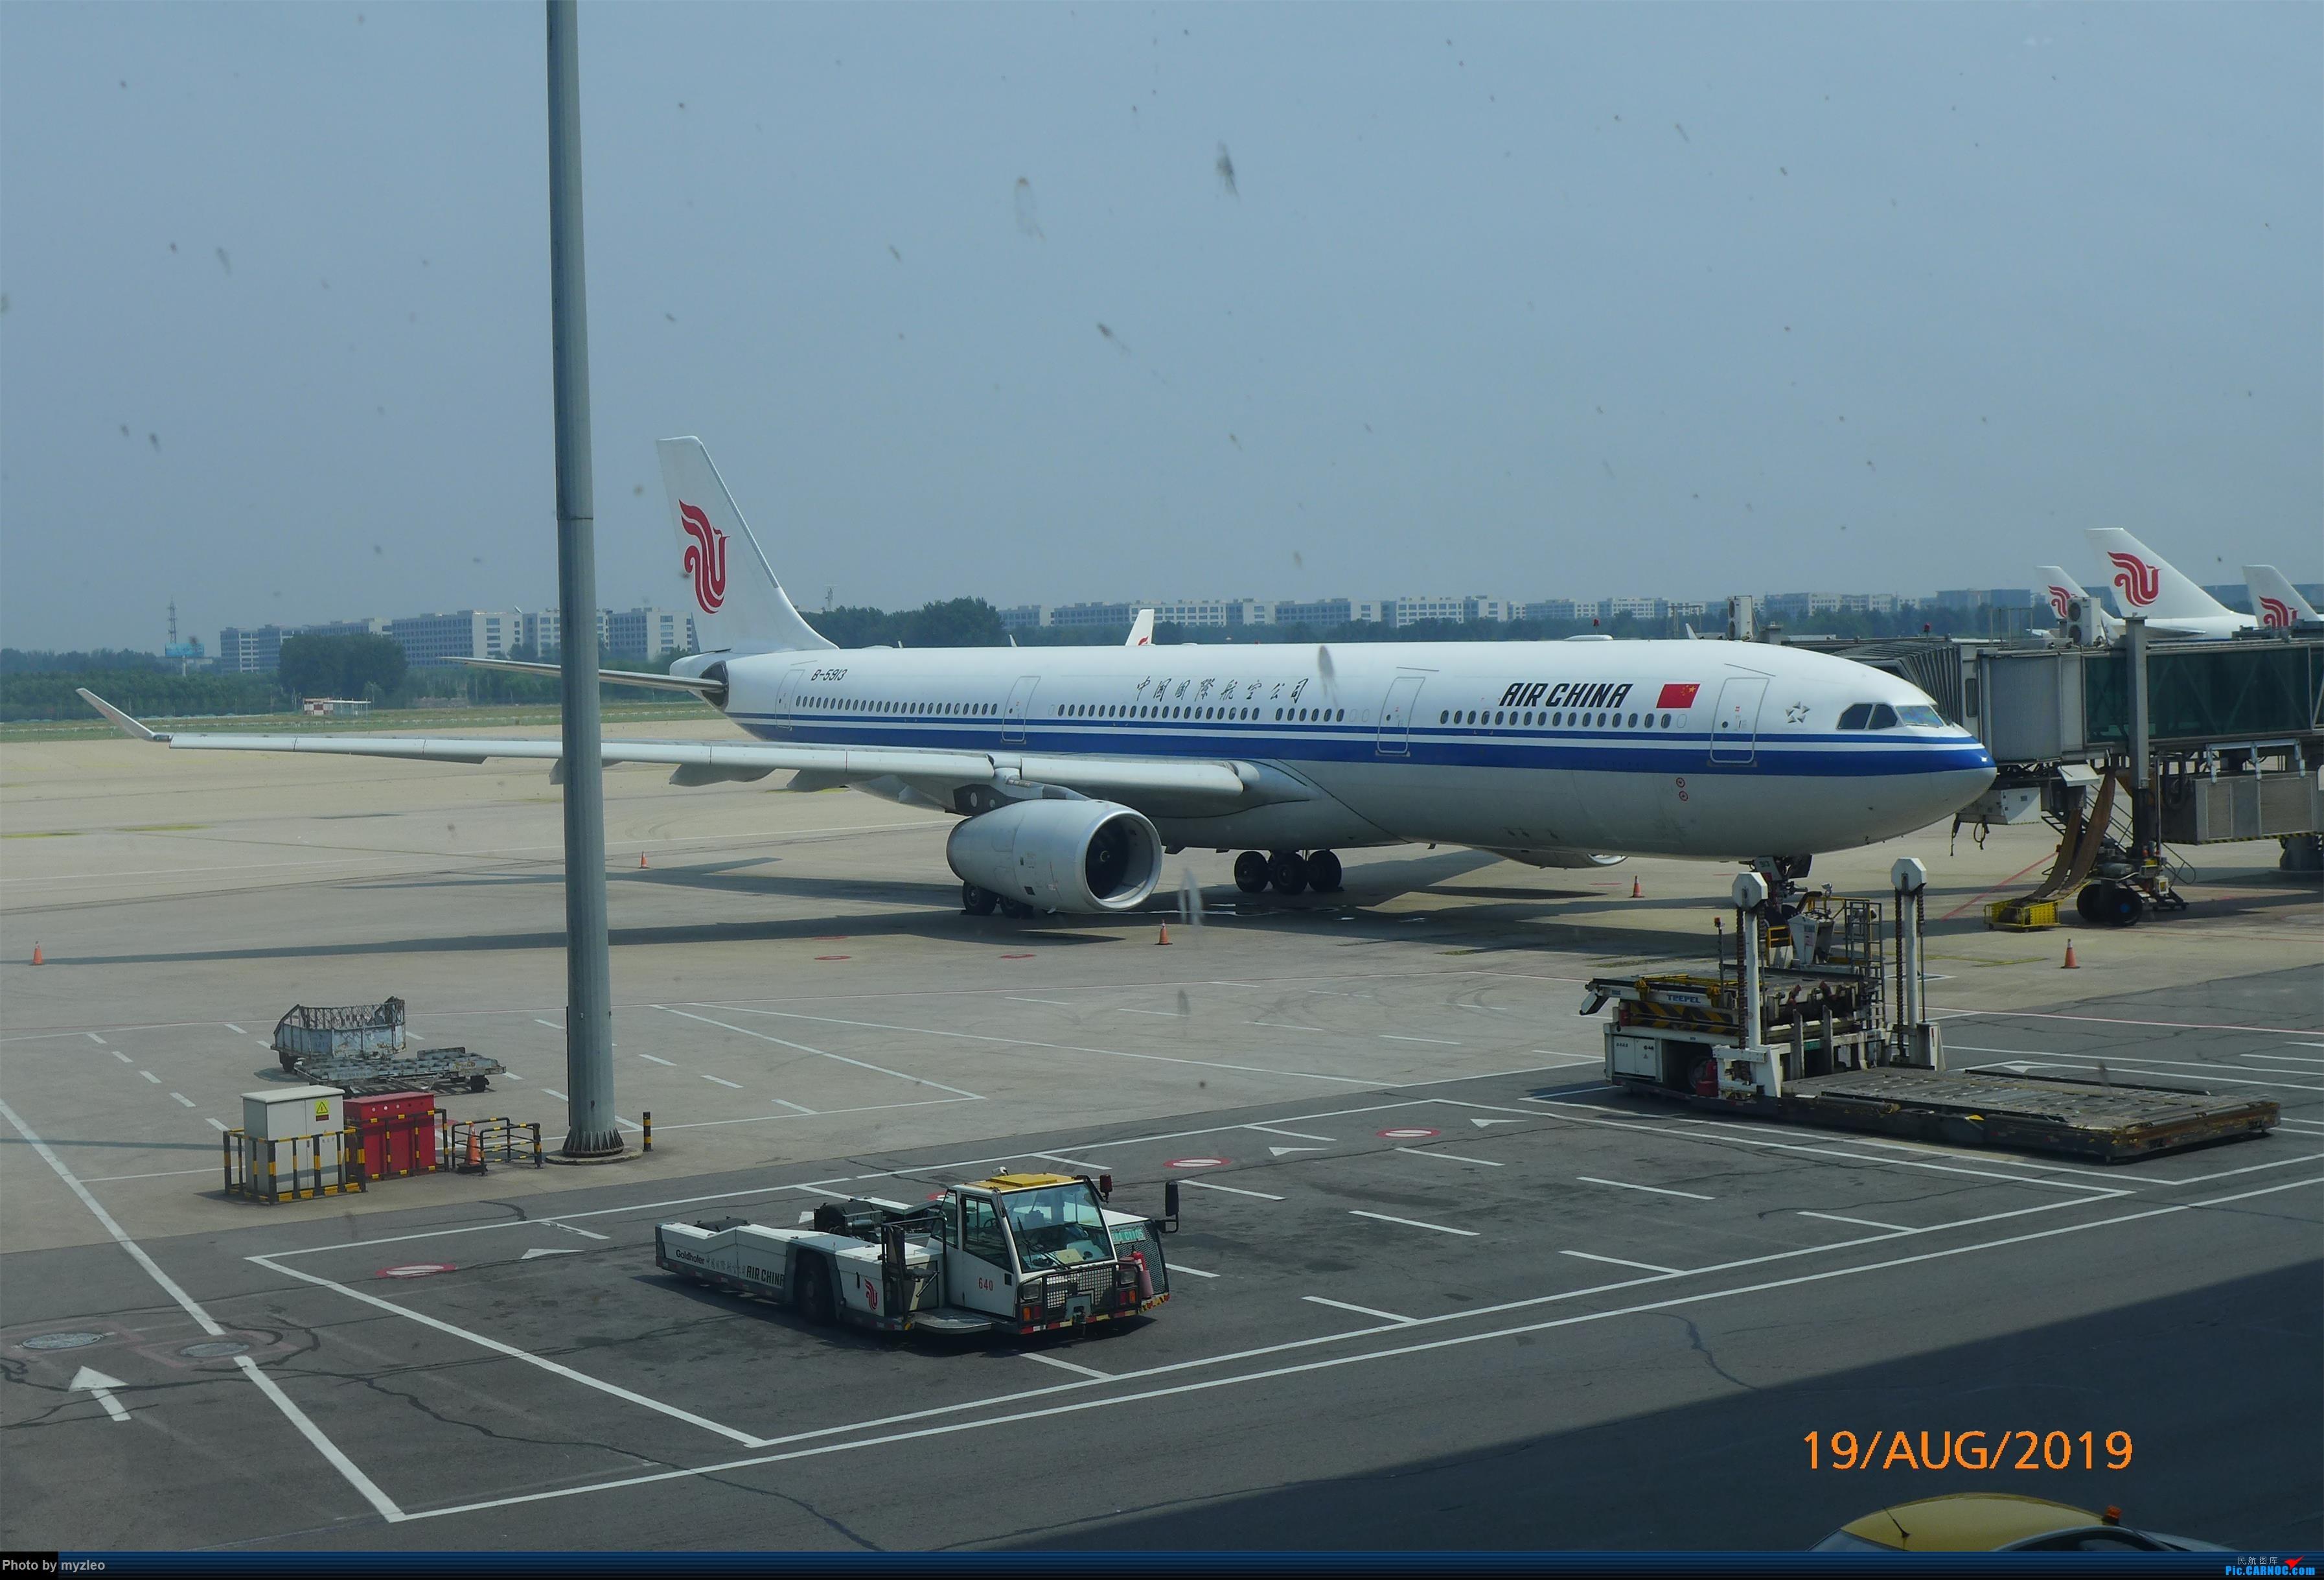 Re:[原创]【myzleo的游记5.1】梦圆一九(1)首搭国航359,北京城里到处走 AIRBUS A330-300 B-5913 中国北京首都国际机场